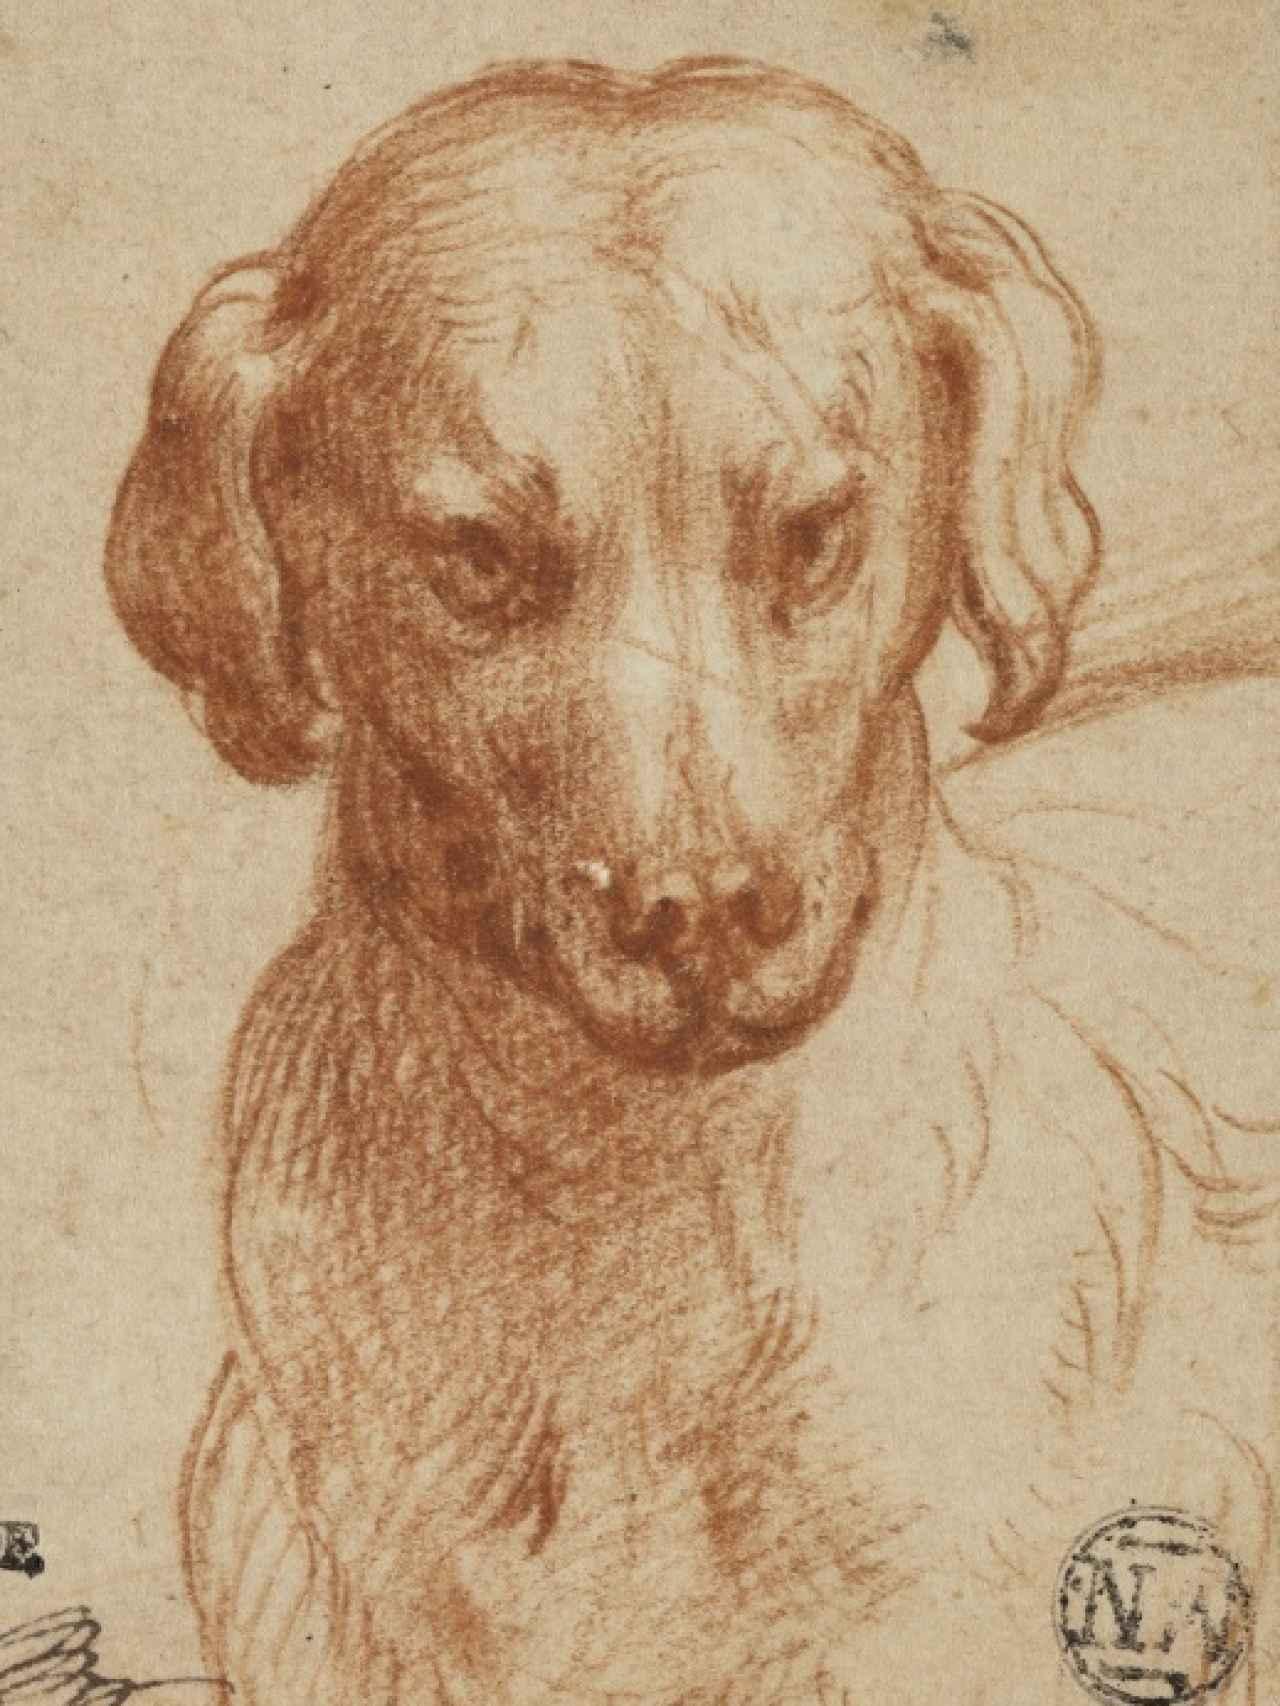 Un perro entre los dibujos expuestos.